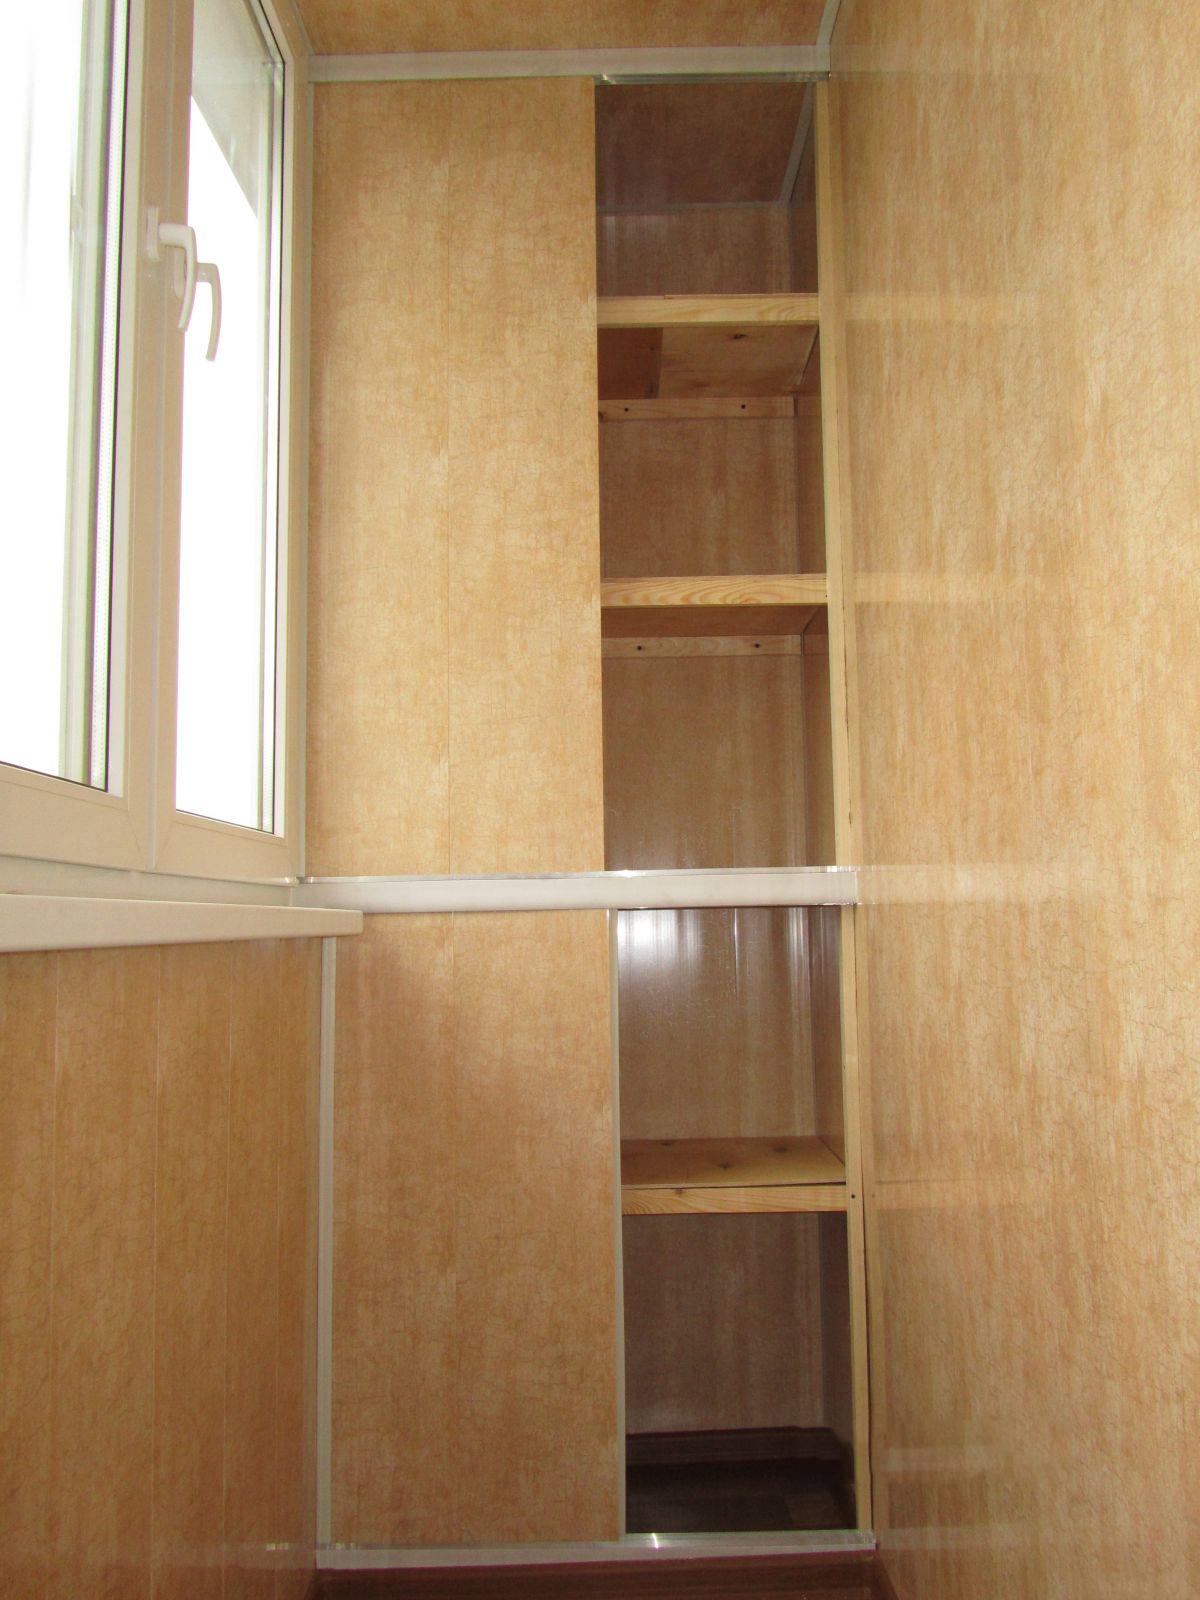 Шкафчик на балкон из пластиковых панелей своими руками